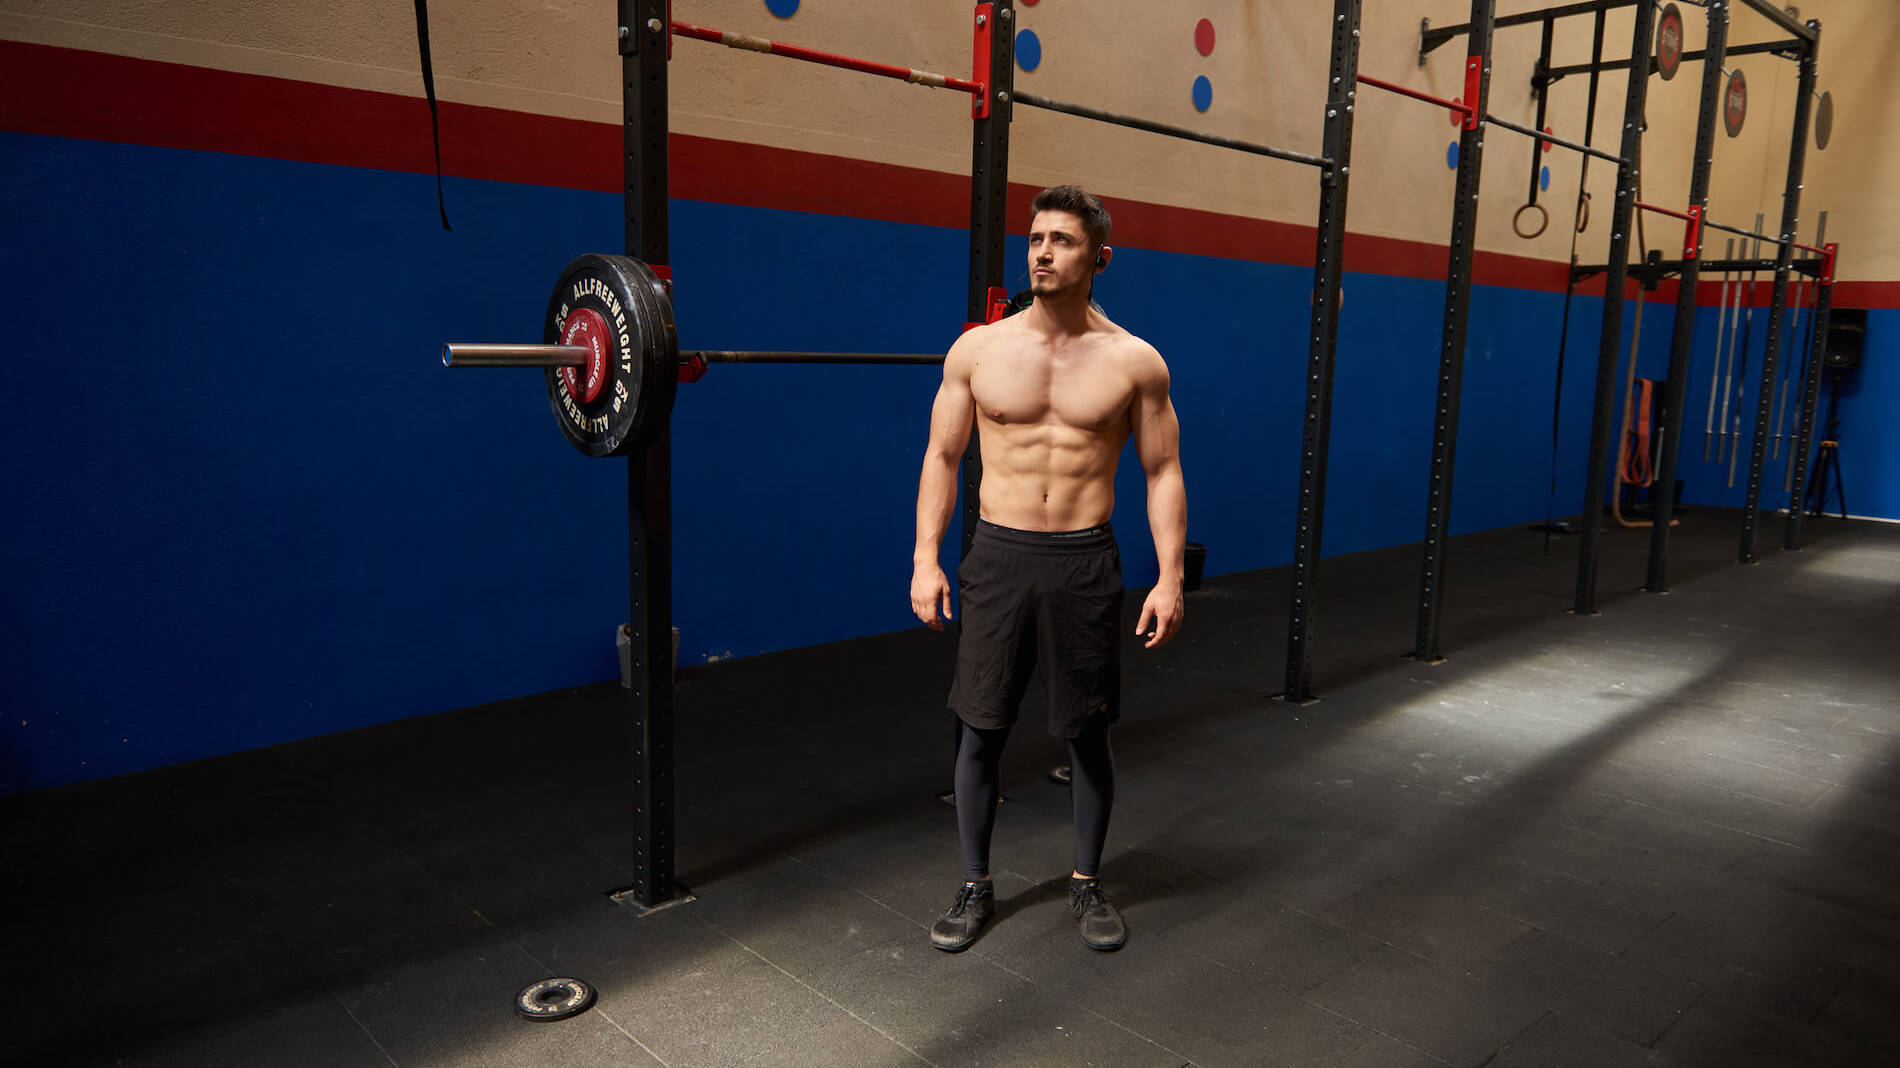 yeni başlayanlar için fitness